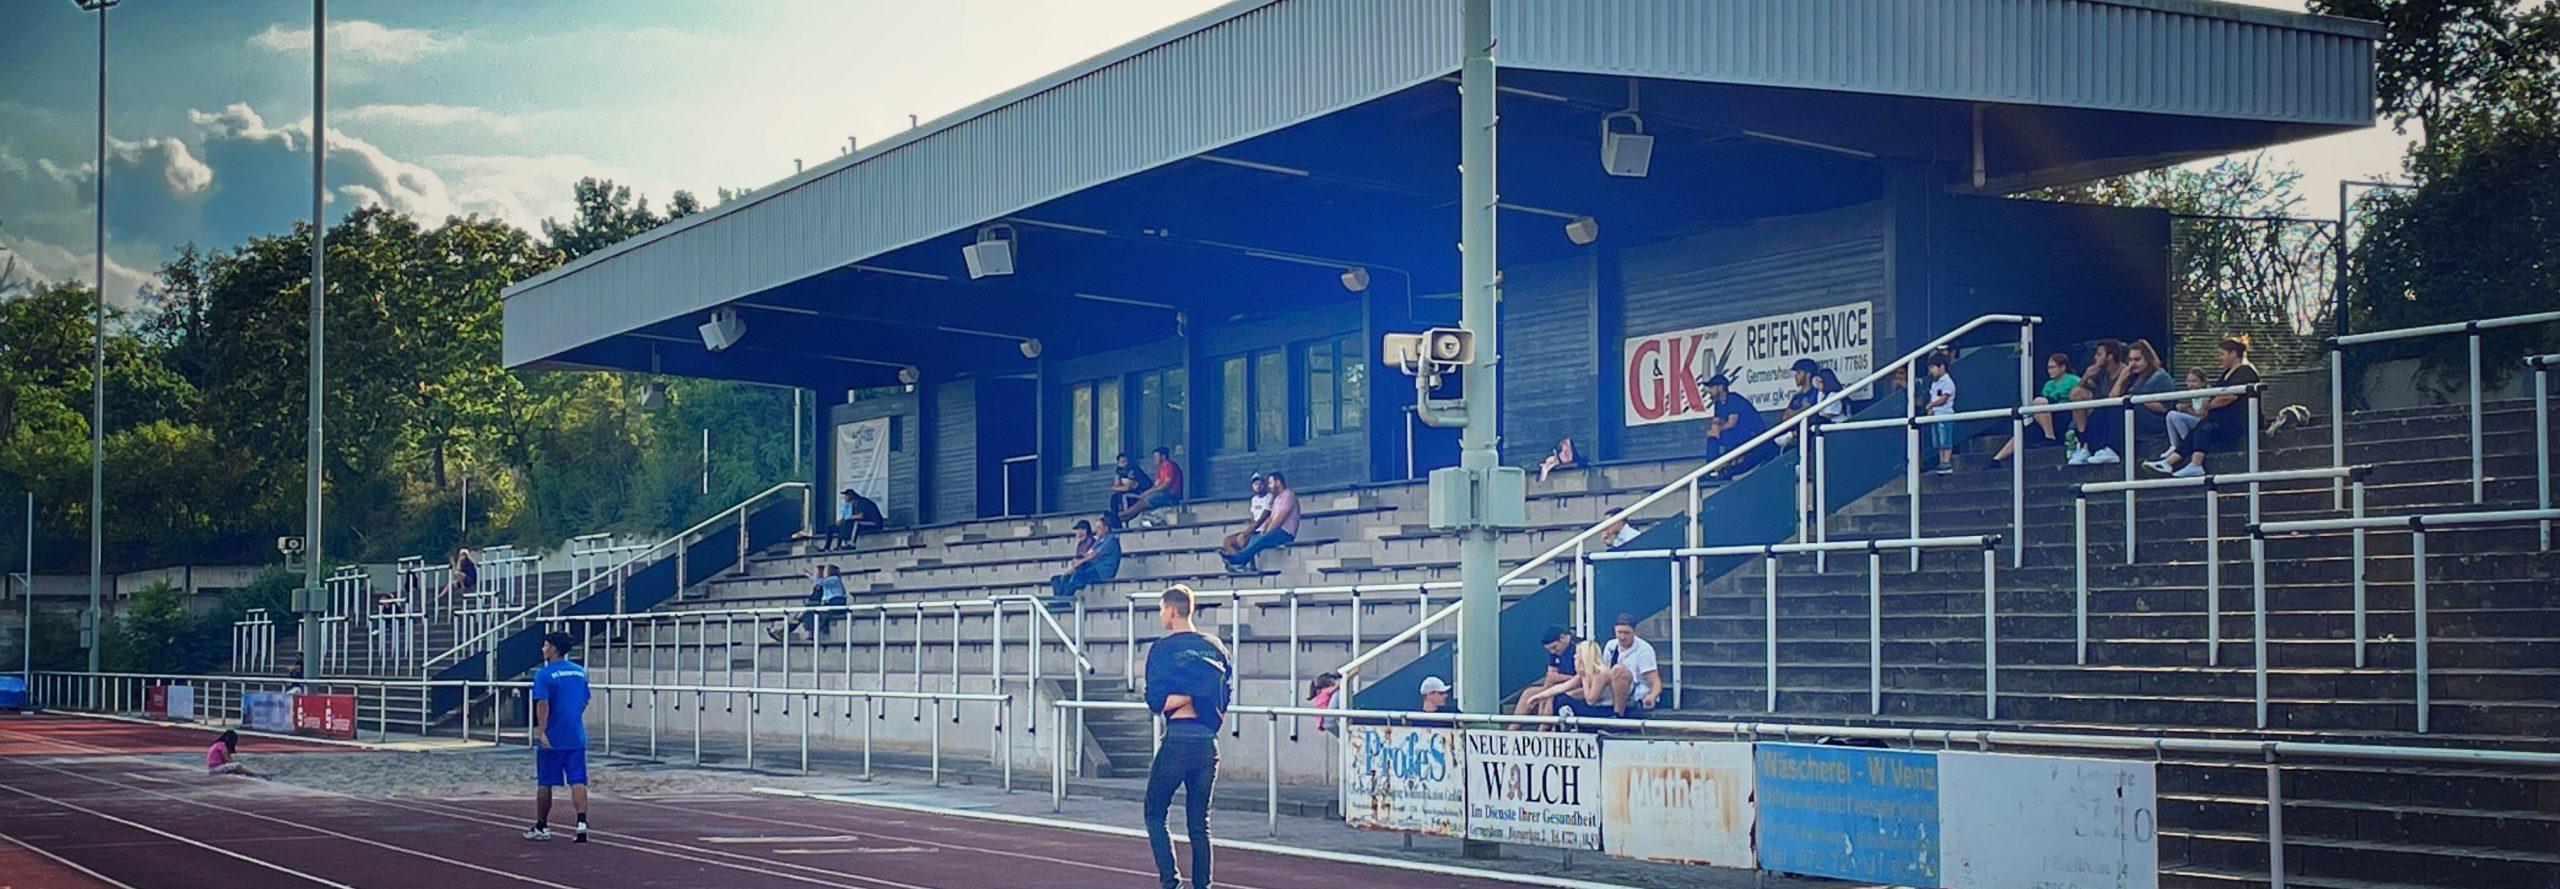 Germersheim – Rheinstadion im Sportzentrum Wrede